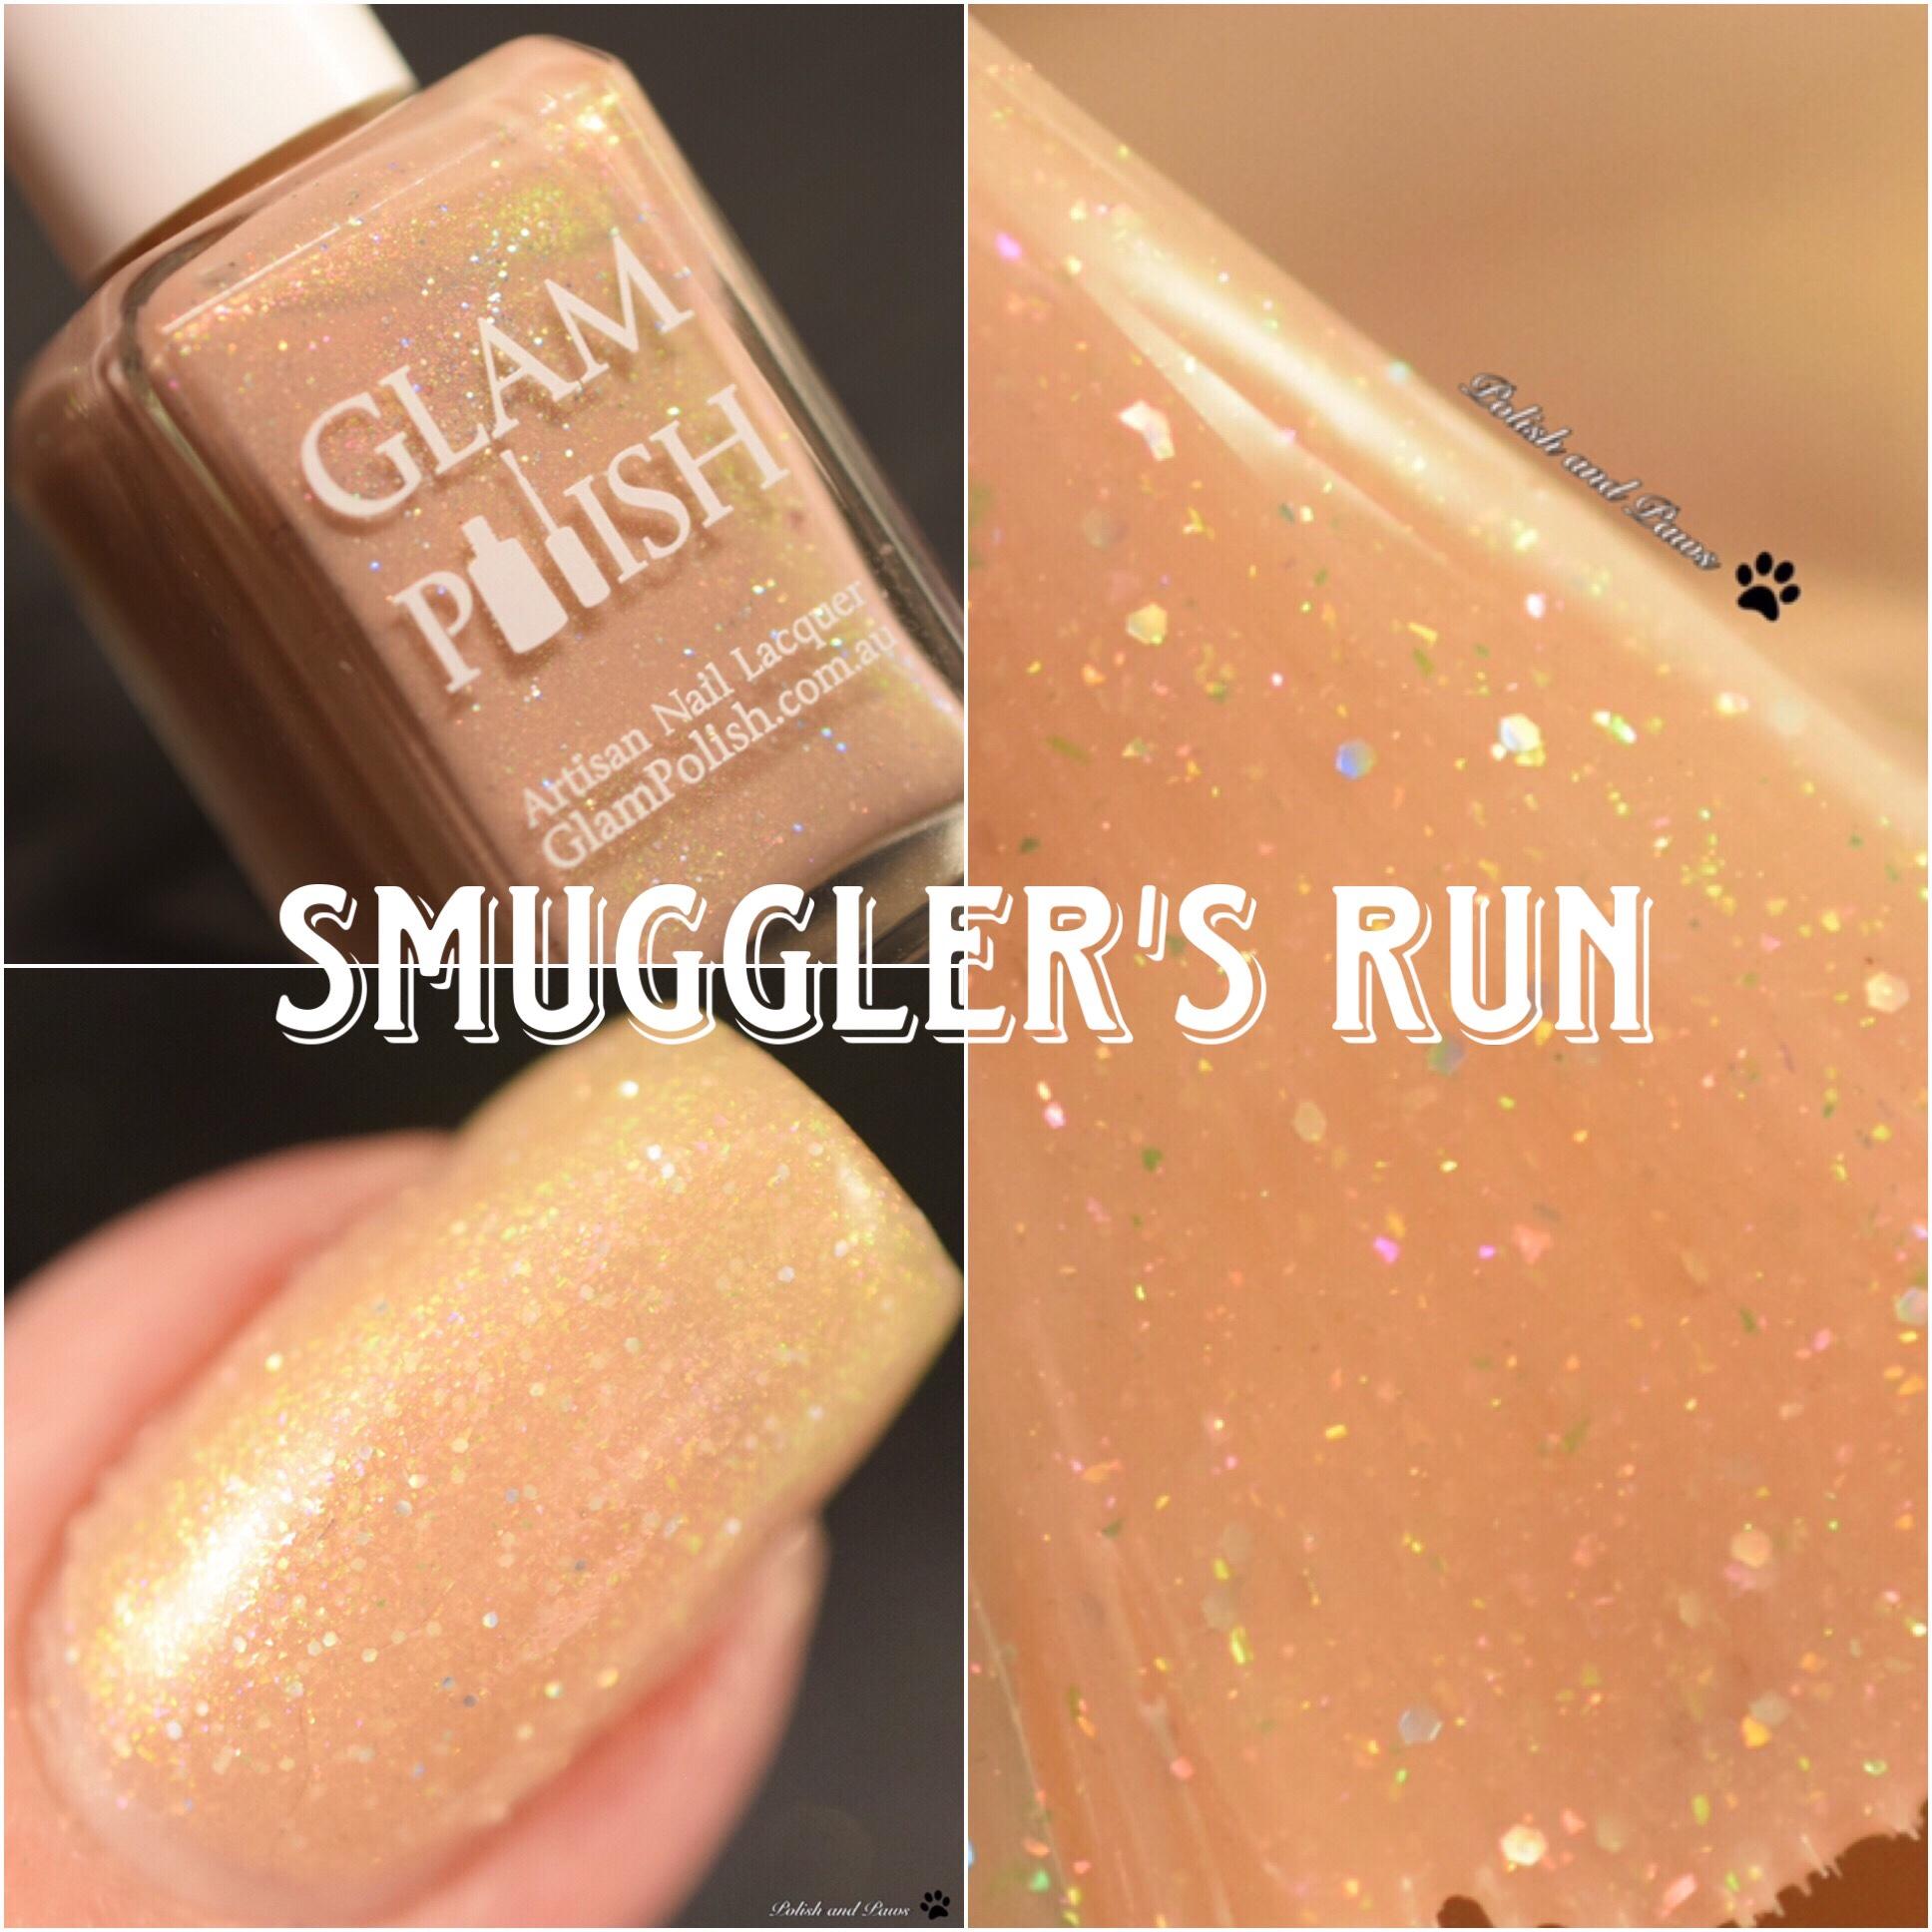 Glam Polish Smuggler's Run